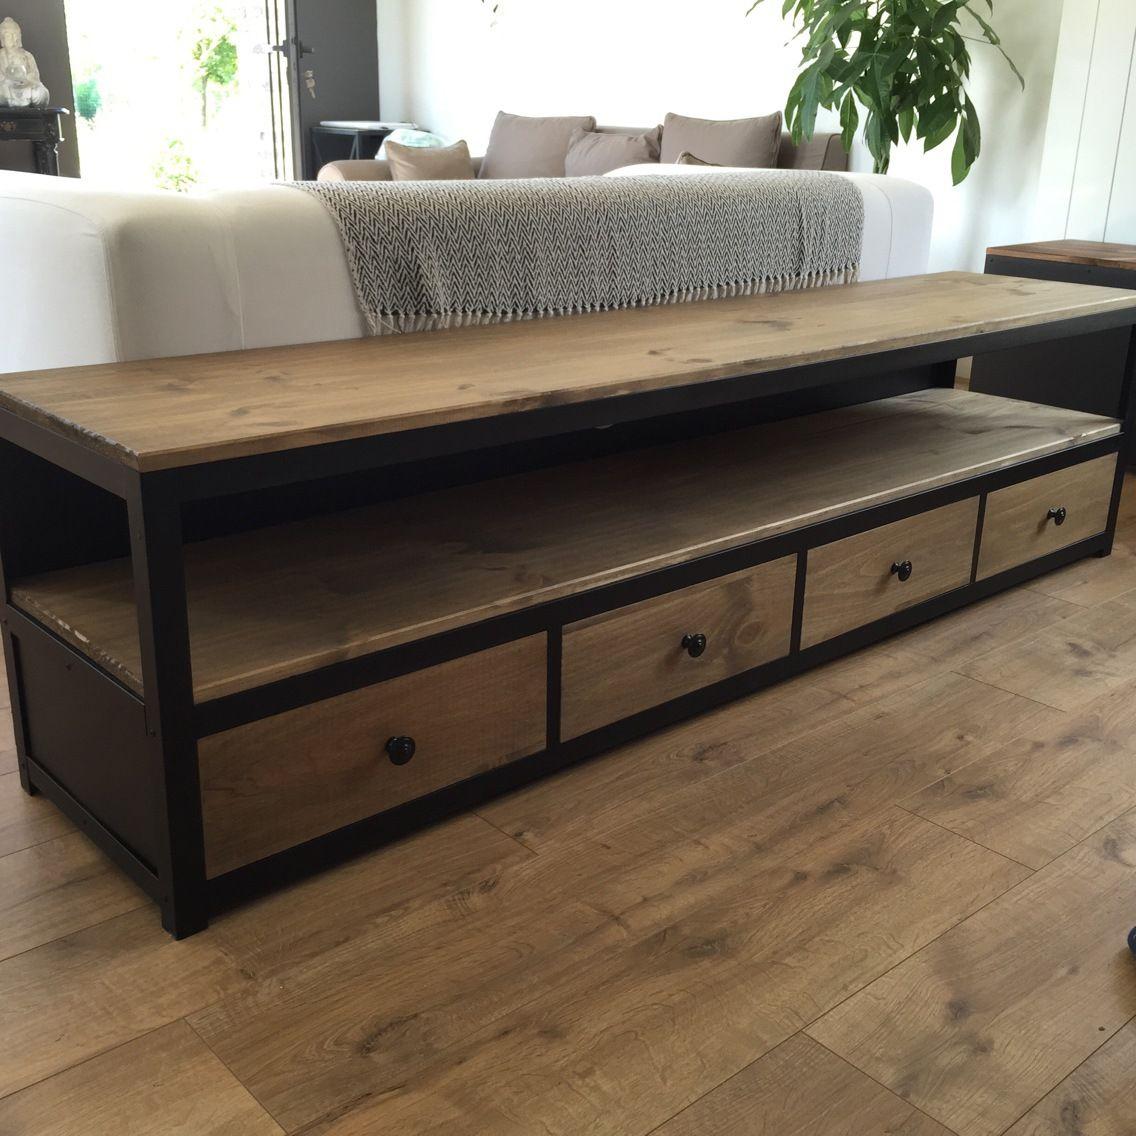 Meuble tv acier noir et bois 4 tiroirs meubles et rangements par latelier62 d co interieure - Meuble tv et rangement ...